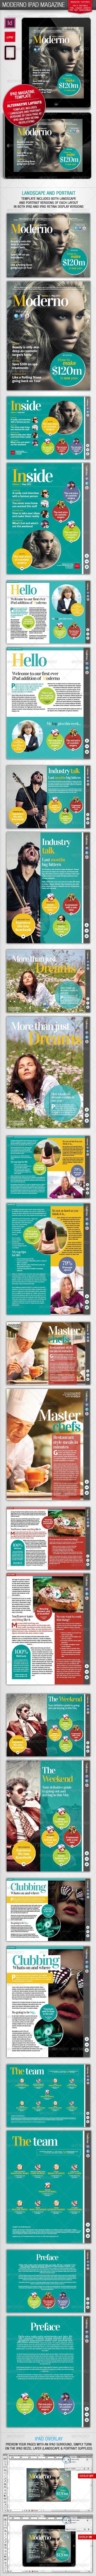 Moderno iPad Magazine - Digital Magazines ePublishing